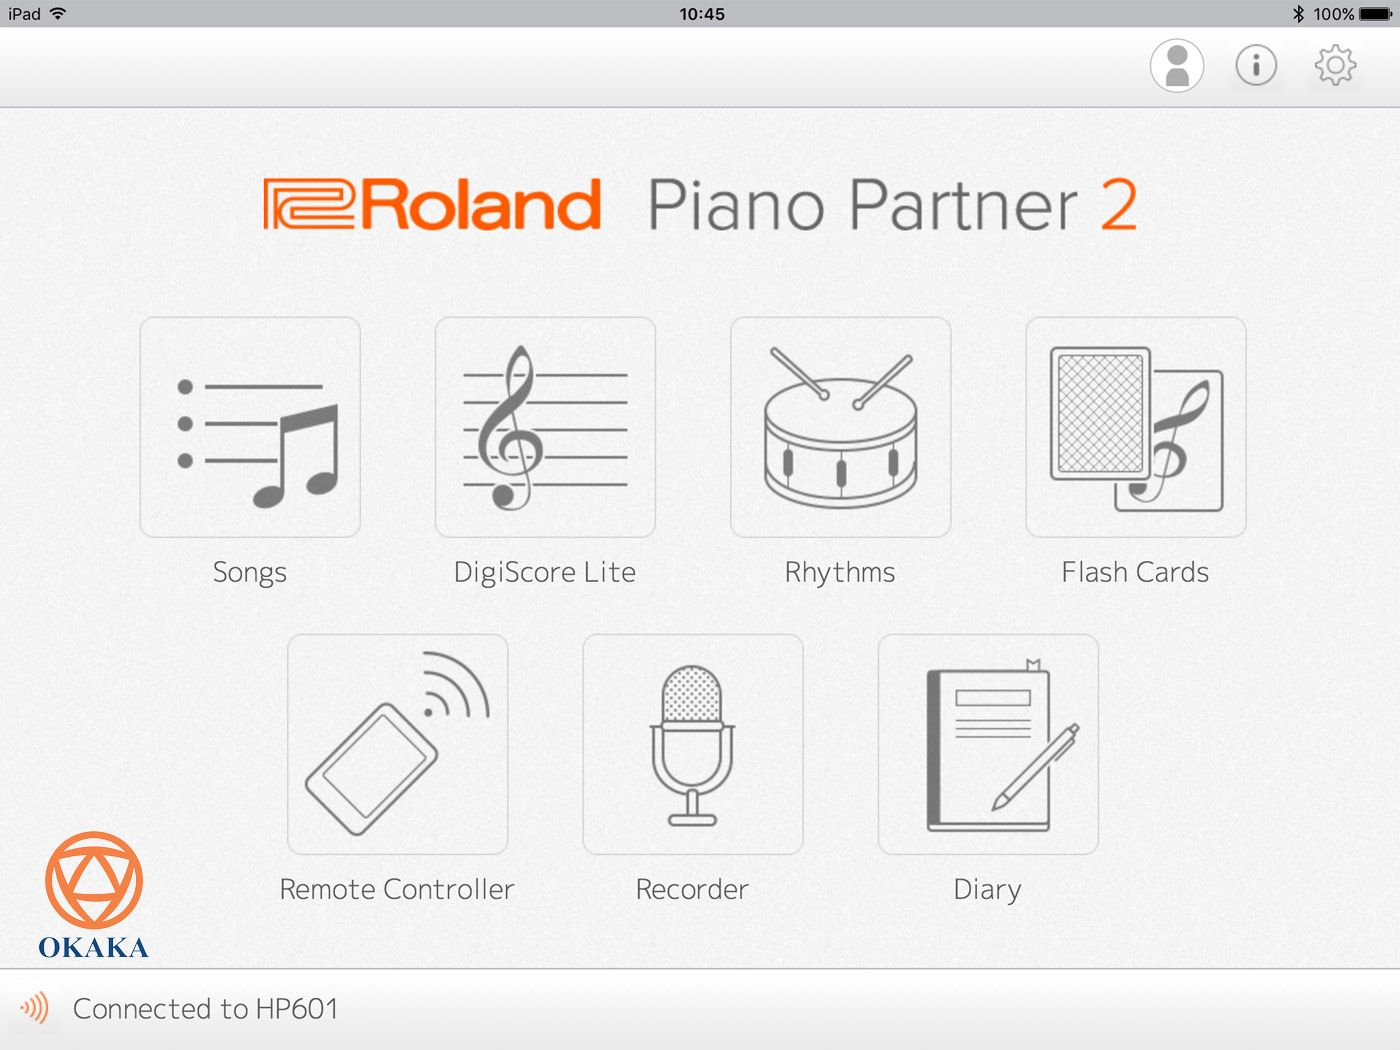 Piano Partner 2 đã sẵn sàng hỗ trợ miễn phí và bạn có thể tải ứng dụng đàn piano này từ cửa hàng ứng dụng App Store hoặc Google Play.